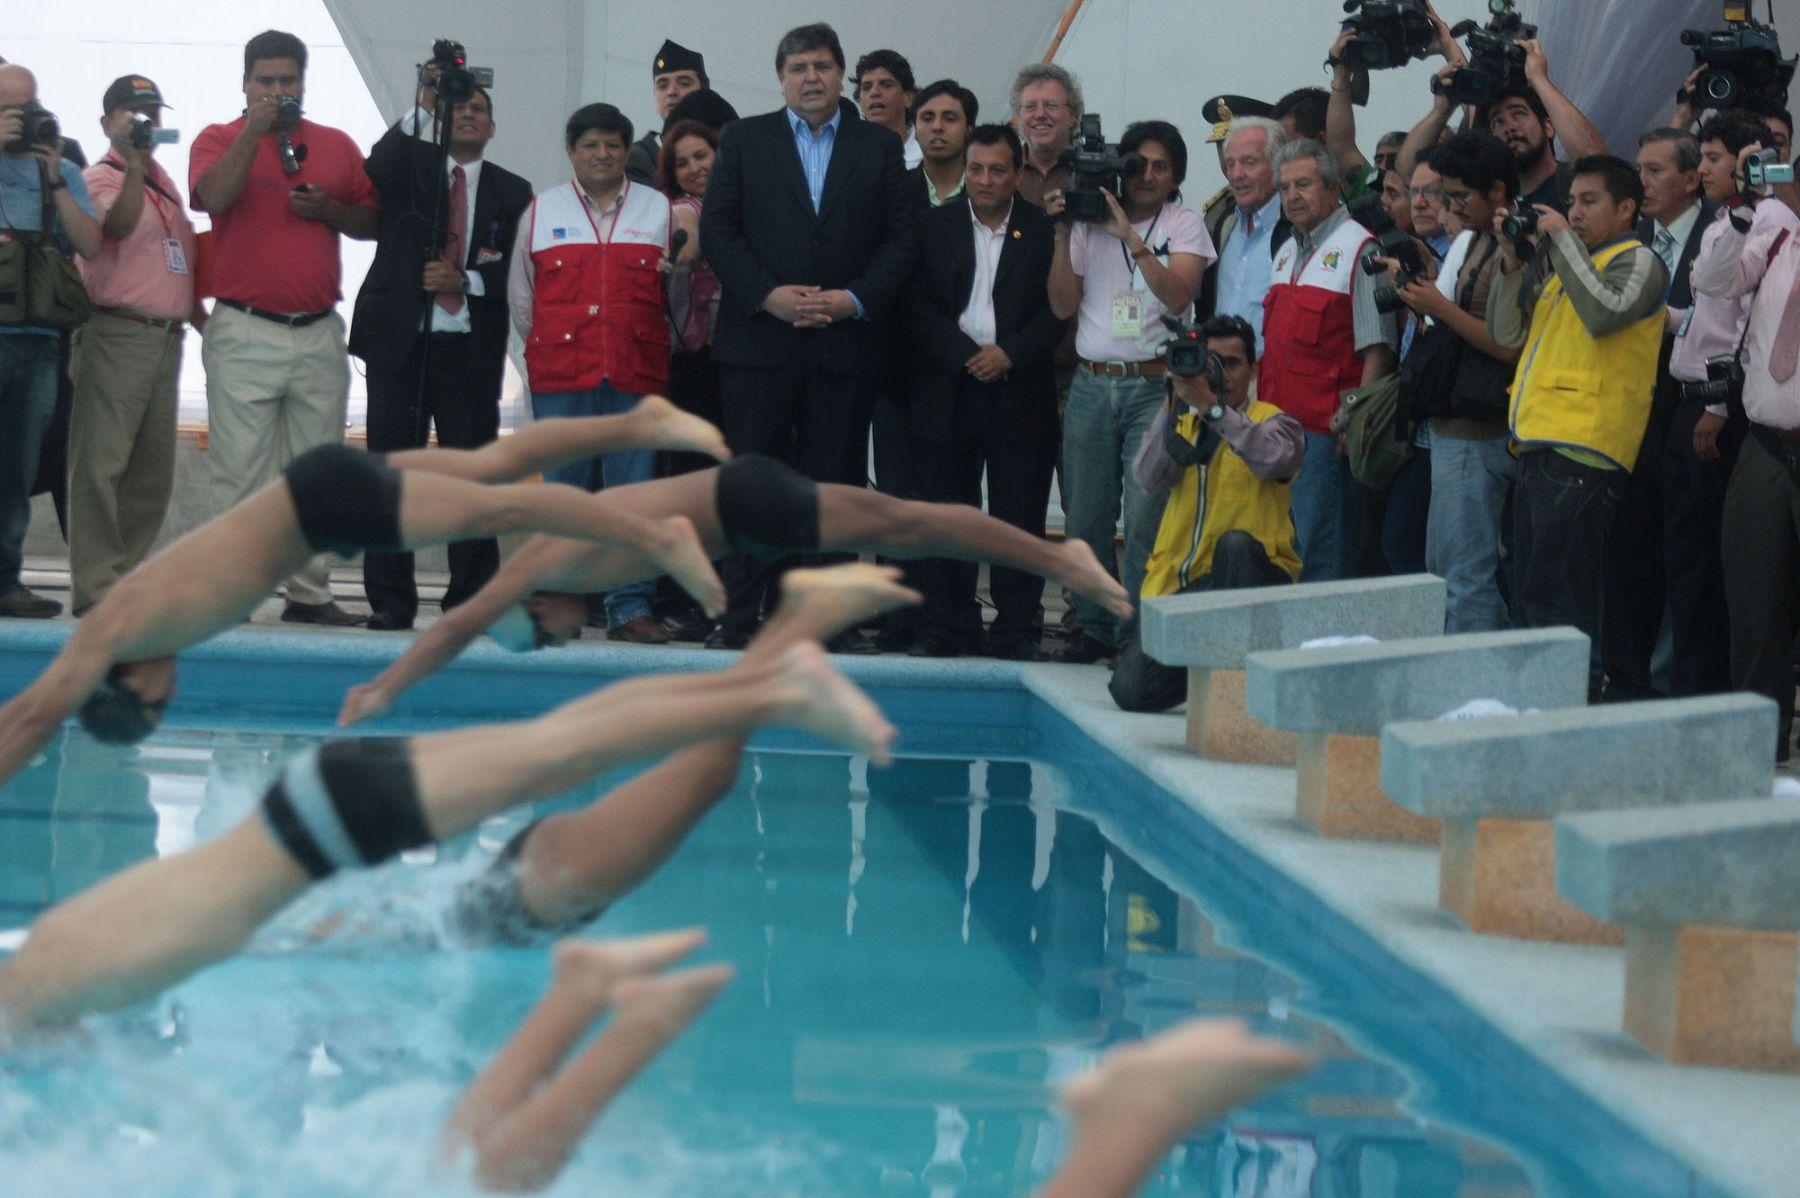 El Presidente Alan García Pérez inauguró el remodelado complejo deportivo Andrés Avelino Cáceres en Villa María del Triunfo.Foto: ANDINA/Juan Carlos Guzmán Negrini.